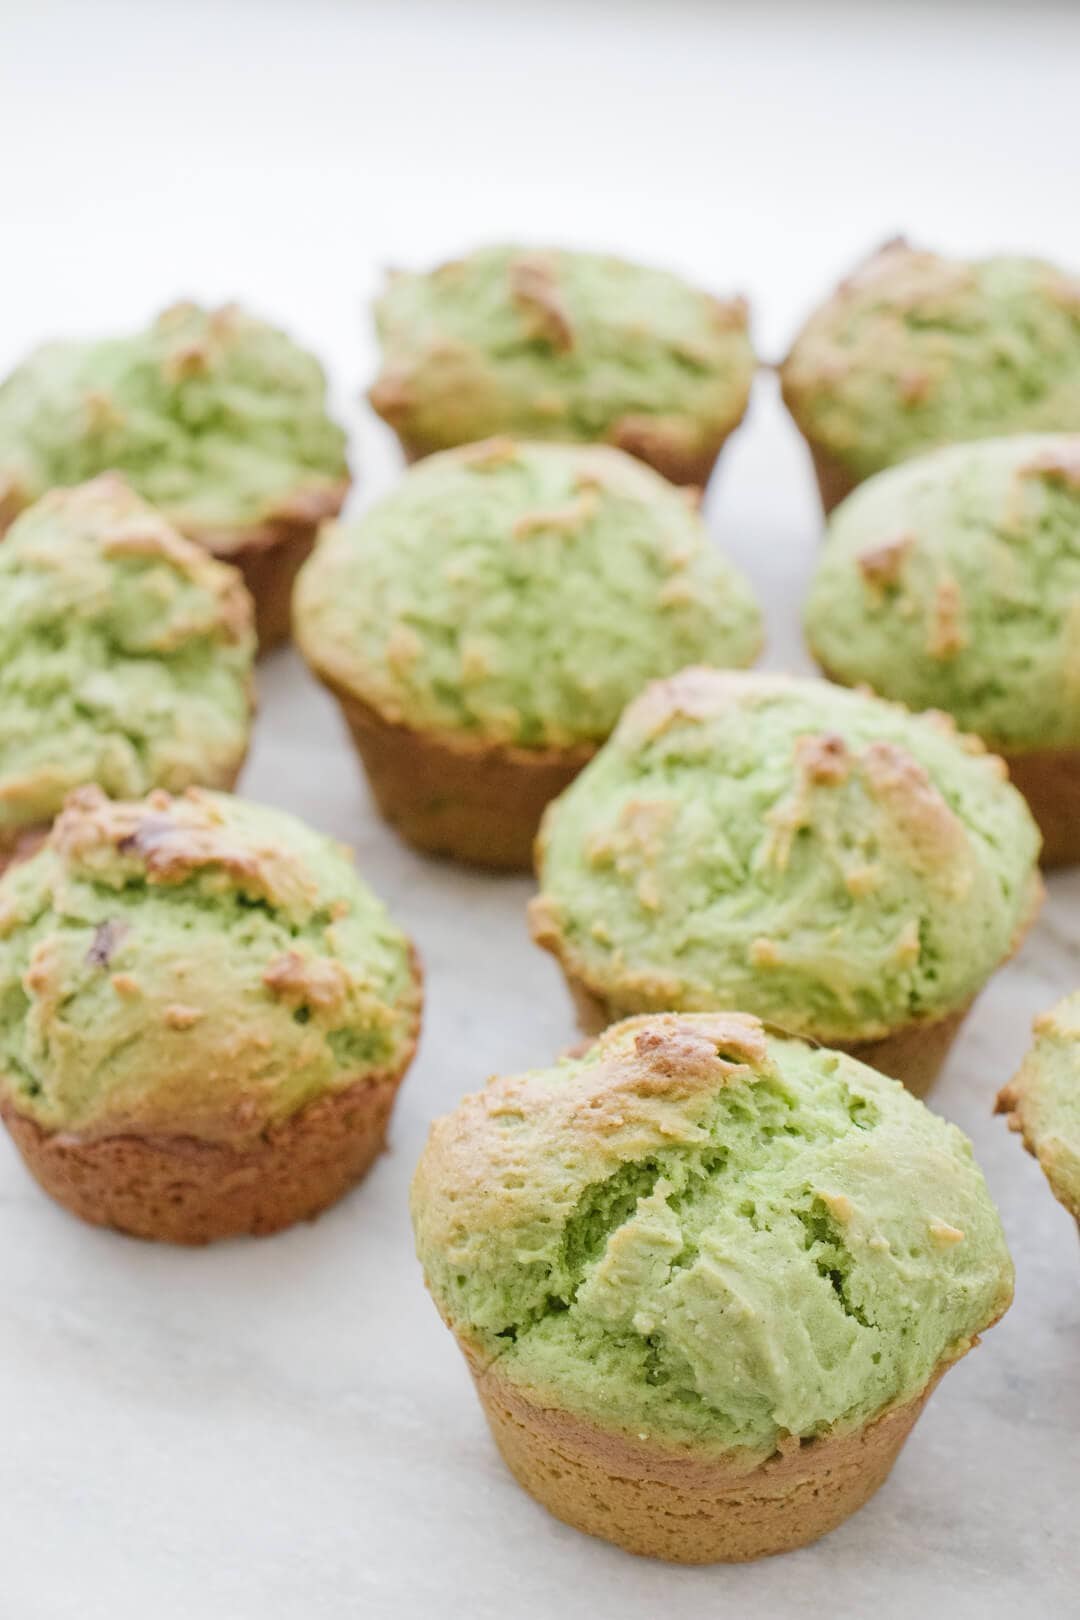 Matcha Muffins